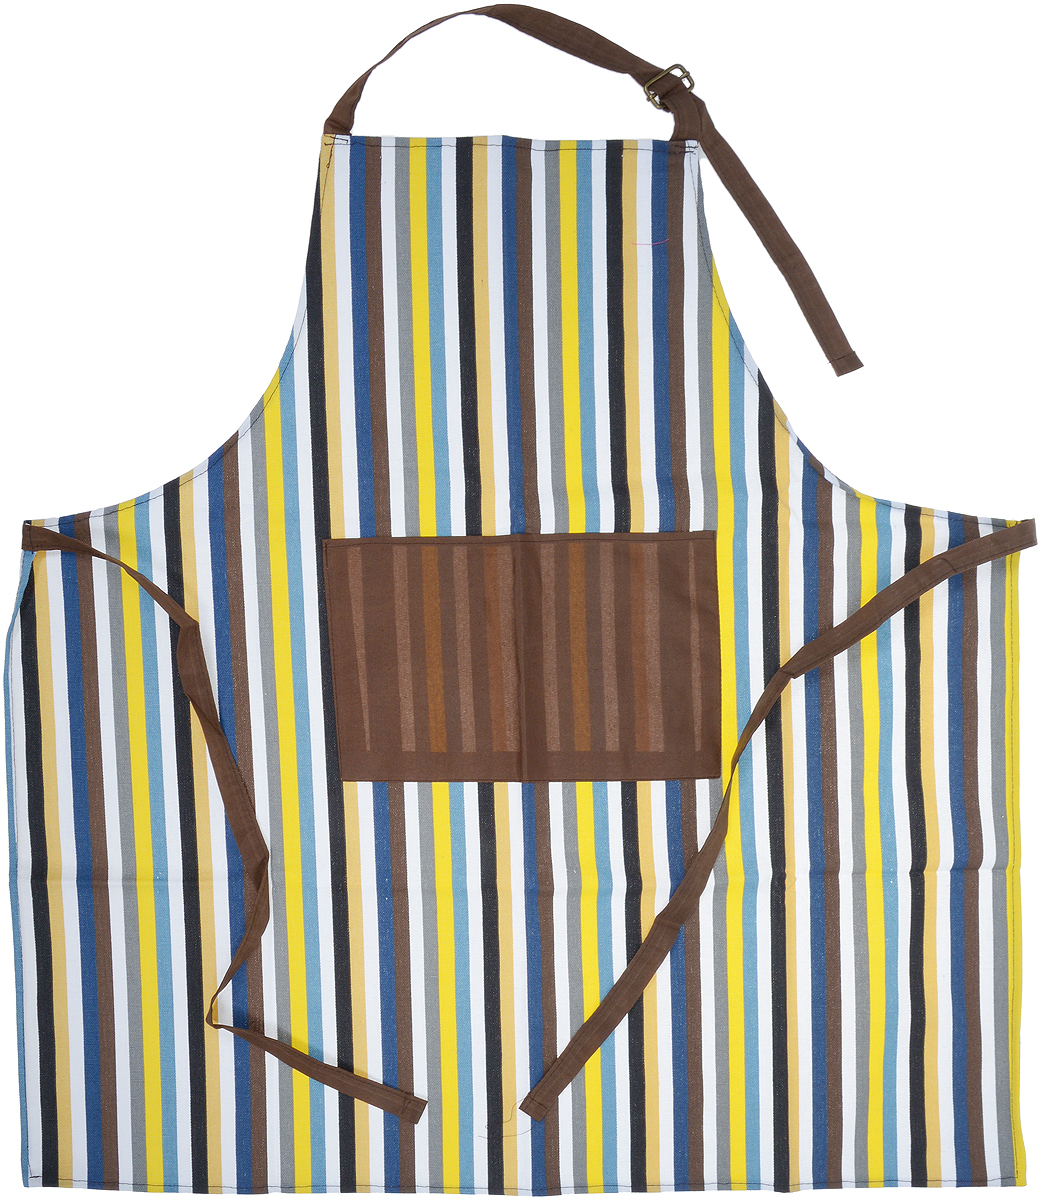 Фартук Schaefer, 70 х 80 см. 07233-116_4VT-1520(SR)Фартук Schaefer, изготовленный из натурального 100% хлопка, оснащен карманом и регулируемым шейным ремешком, который поможет подогнать фартук по вашему росту. Также пояс можно завязать сзади или обернуть вокруг талии. Такой фартук поможет вам избежать попадания еды на одежду во время приготовления пищи. Кухня - это сердце дома, где вся семья собирается вместе. Она бережно хранит и поддерживает жизнь домашнего очага, который нас согревает. Именно поэтому так важно создать здесь атмосферу, которая не только возбудит аппетит, но и наполнит жизненной энергией.